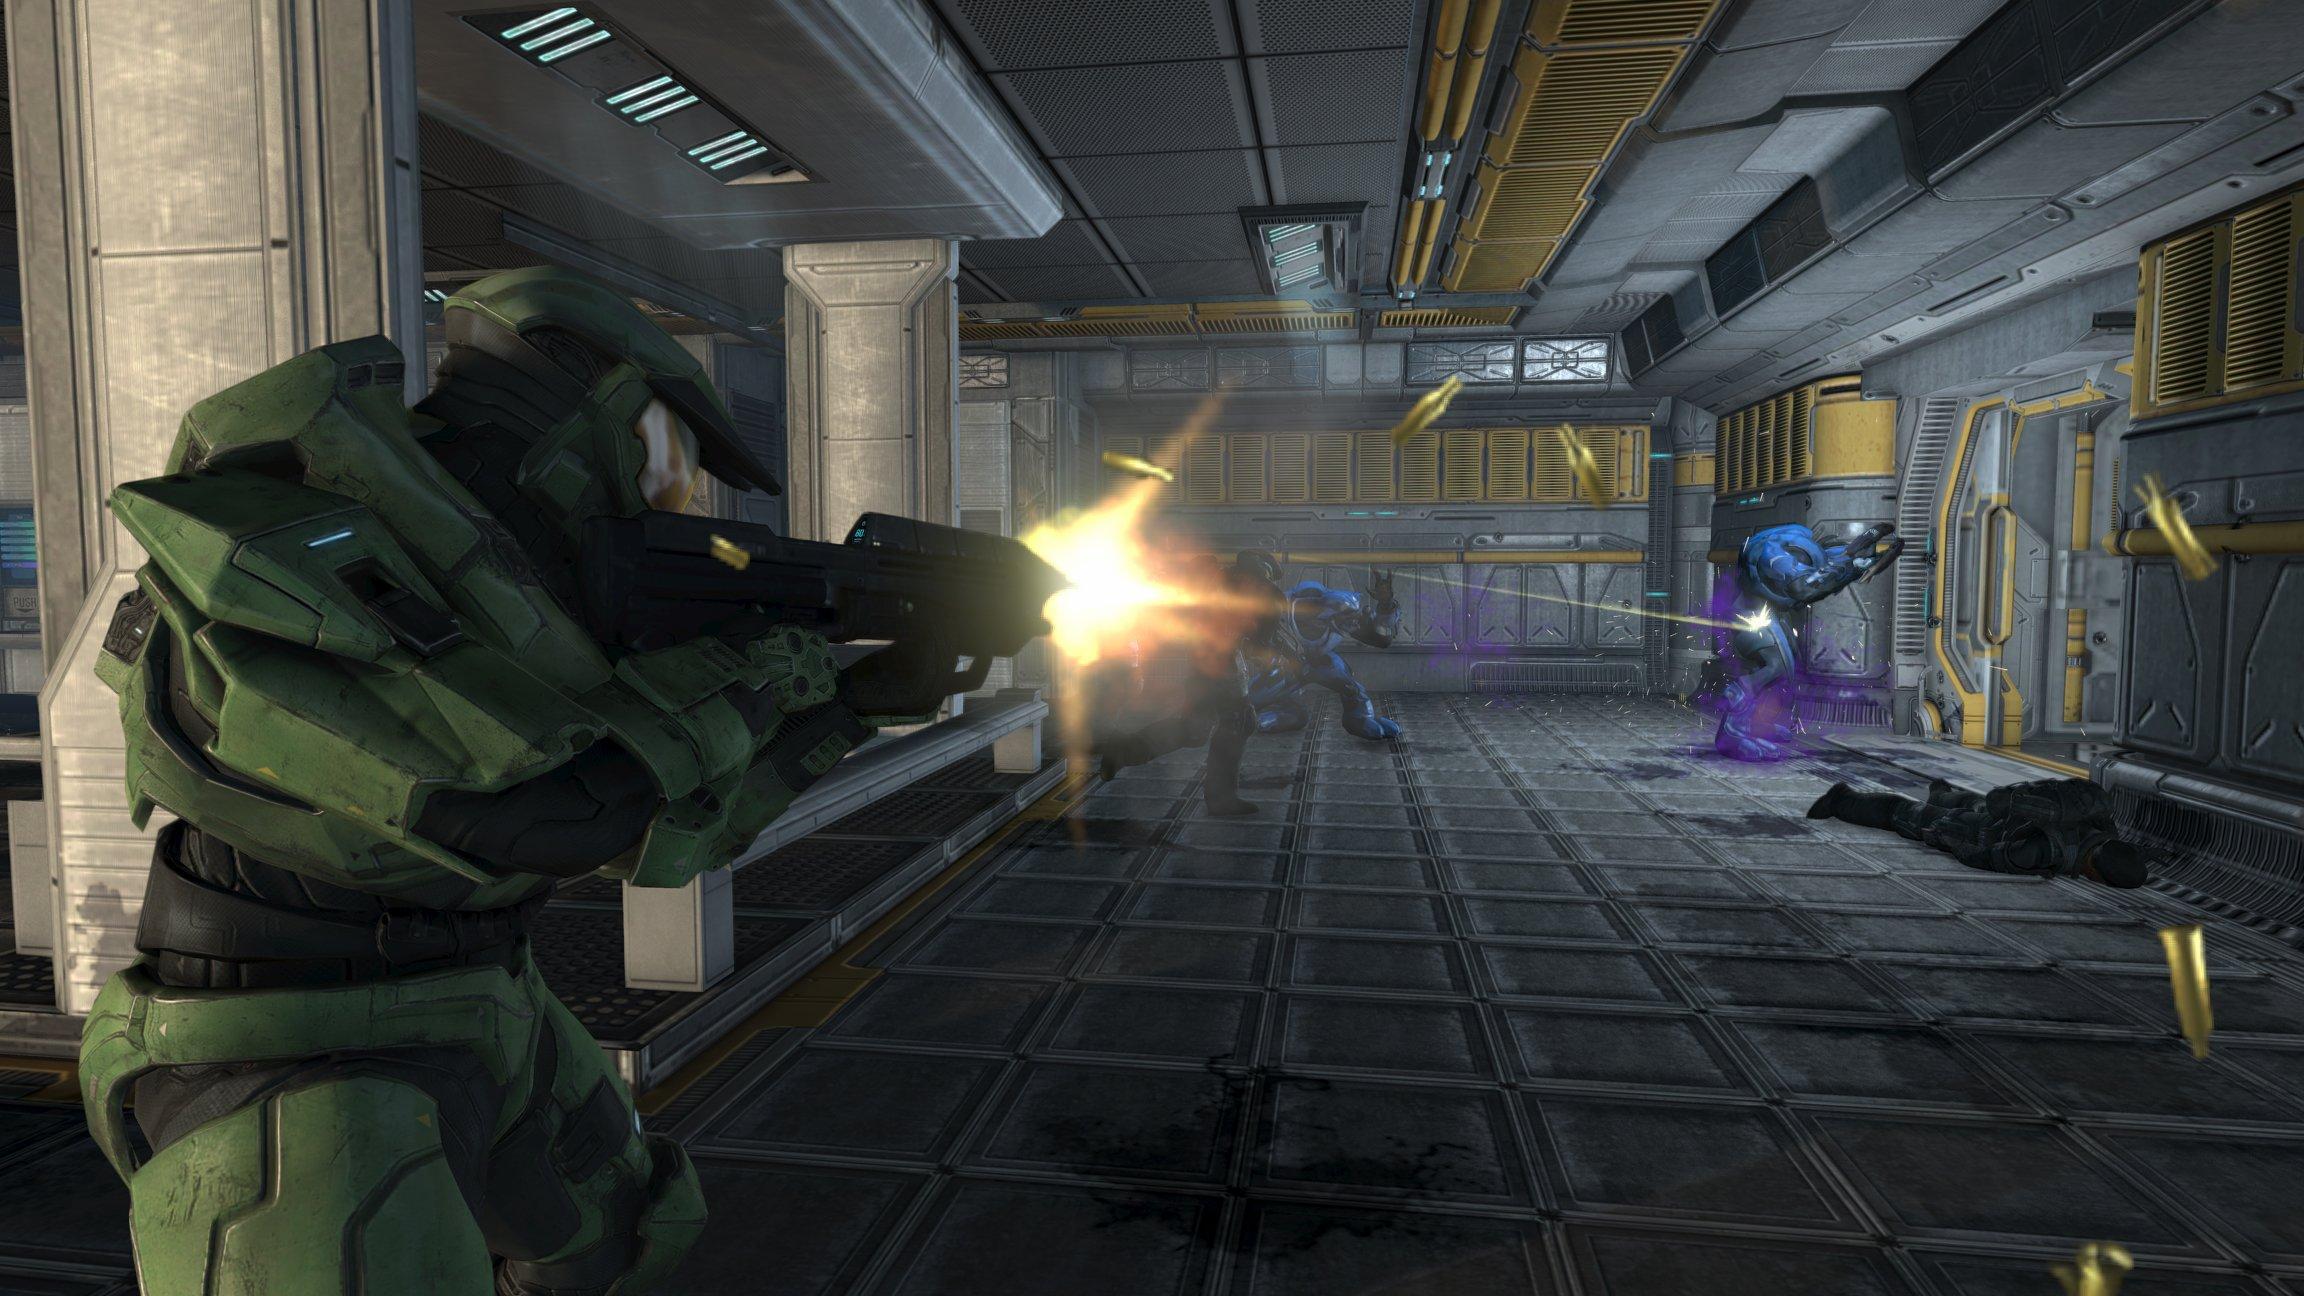 Здравствуйте уважаемые пользователи Канобу.Сегодня,хочу представить вам рецензию на игру Halo:Combat Evolved Anniver ... - Изображение 2